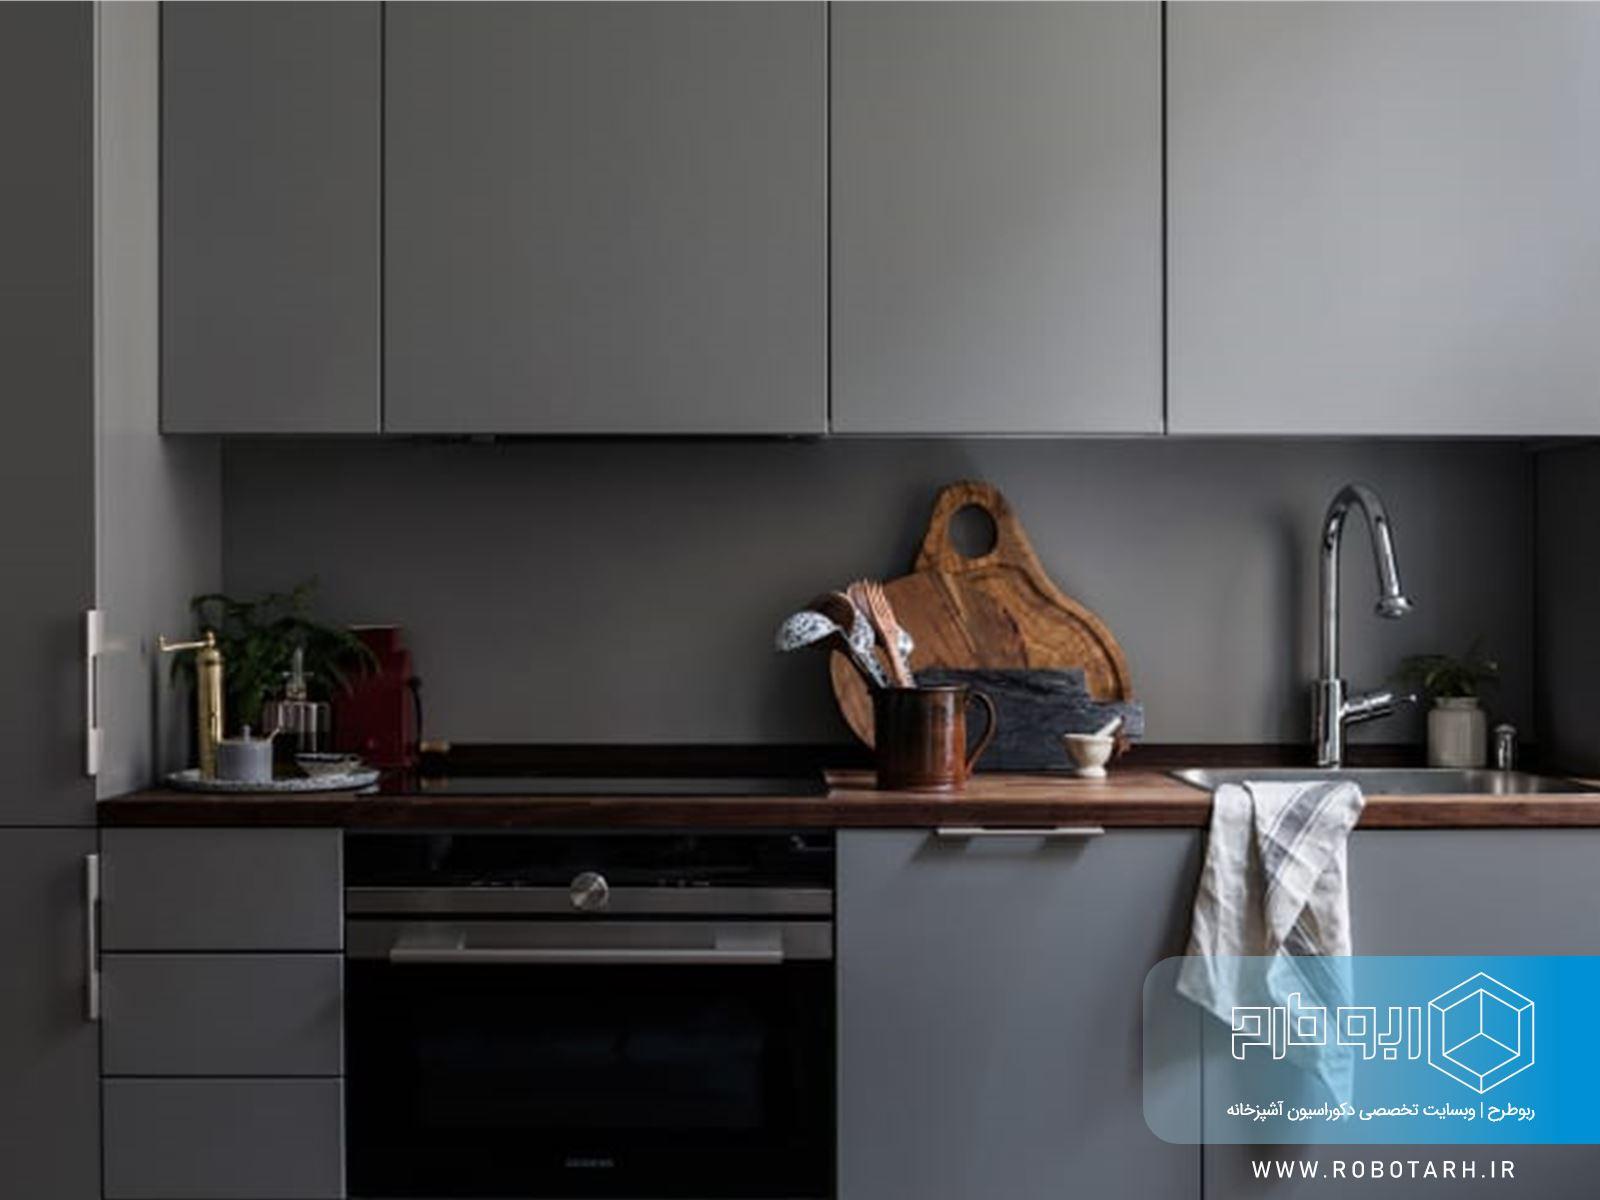 توجه به فضای آشپزخانه